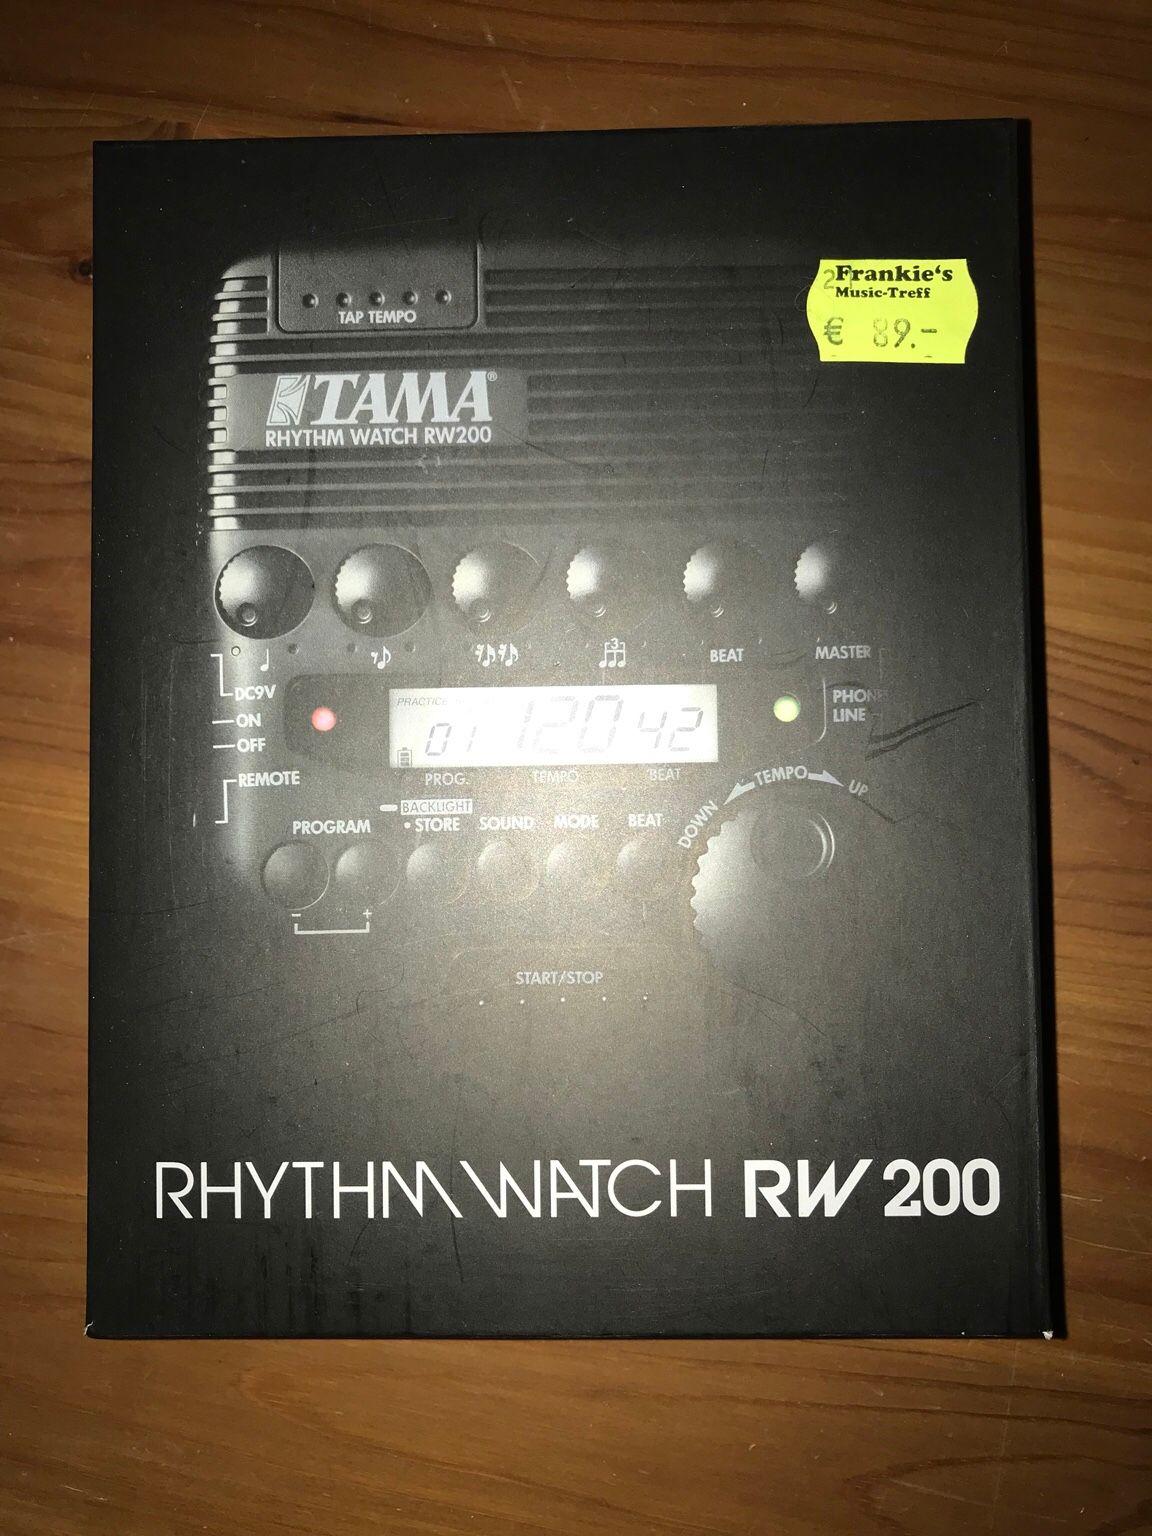 Tama-rhythm-watch-rw200jpg